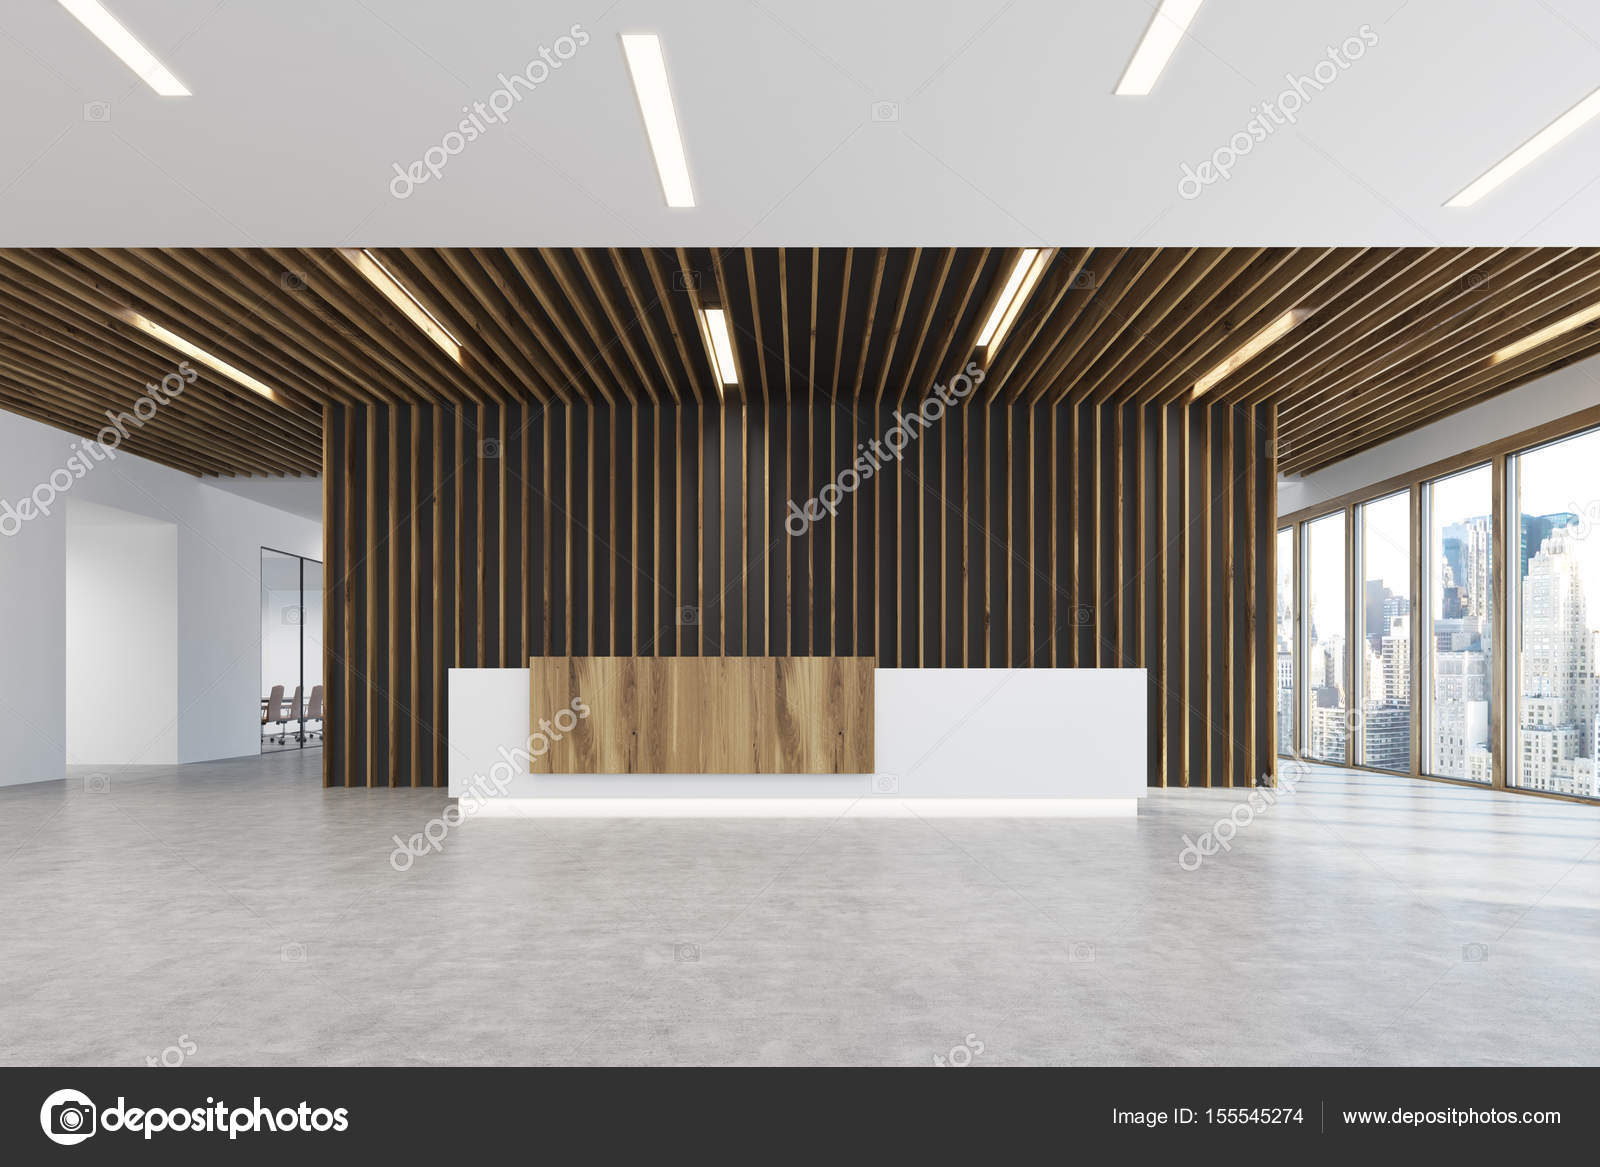 Reception Ufficio Bianco : Reception ufficio luce di legno bianco e luce u foto stock